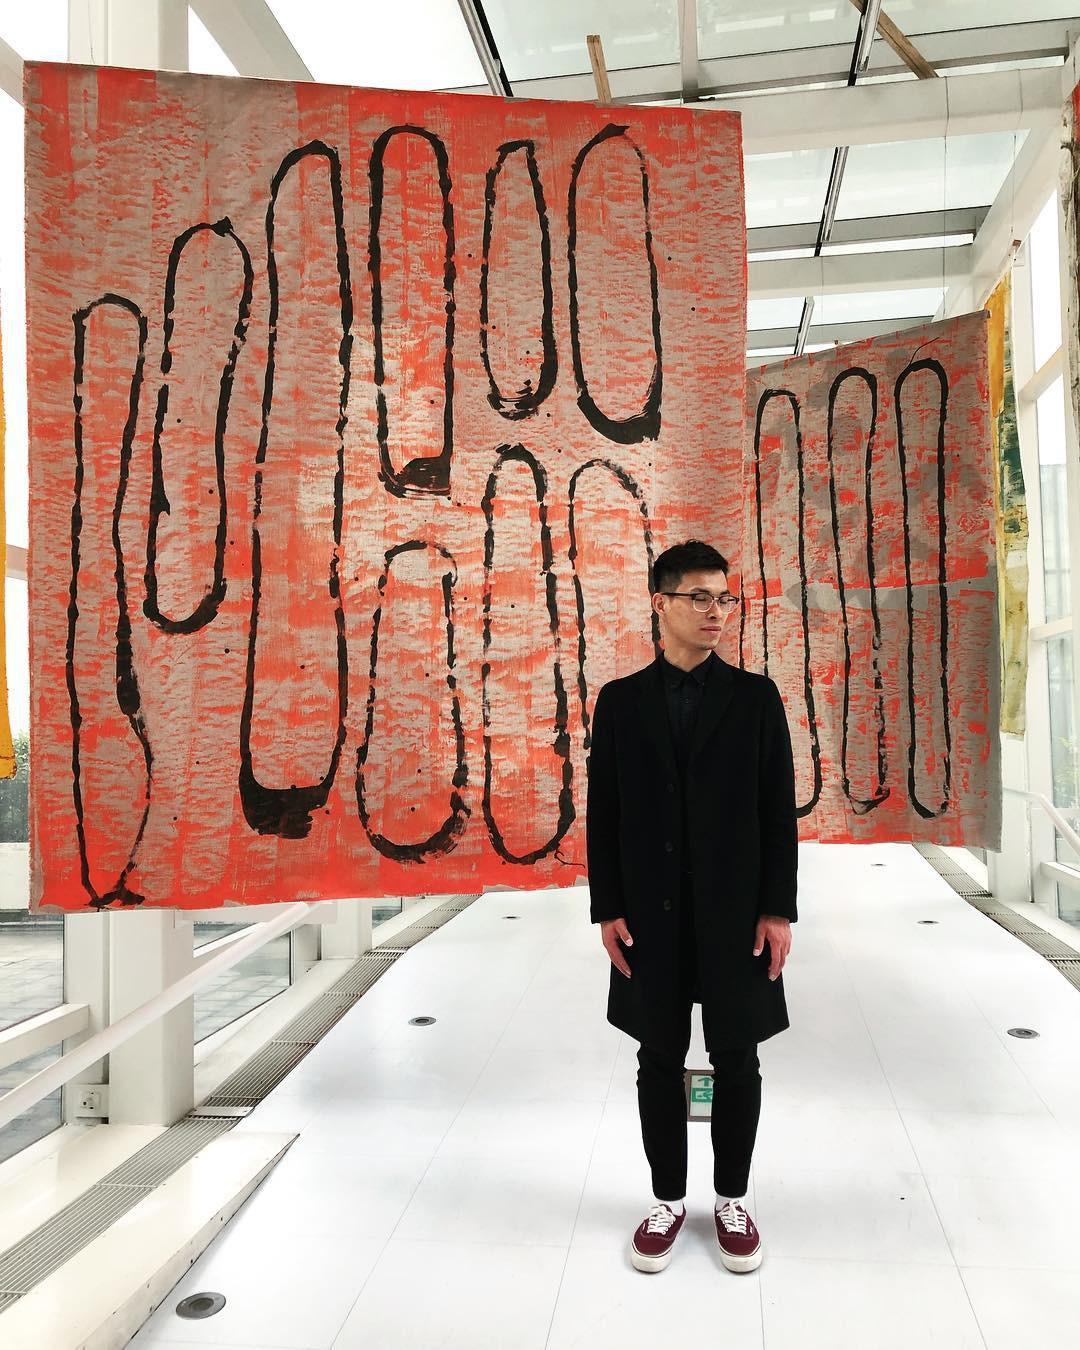 Mê mẩn với Bảo tàng Mỹ thuật Đài Bắc: Cứ ngỡ lạc vào xứ sở thần tiên nào đấy nữa chứ! - Ảnh 17.